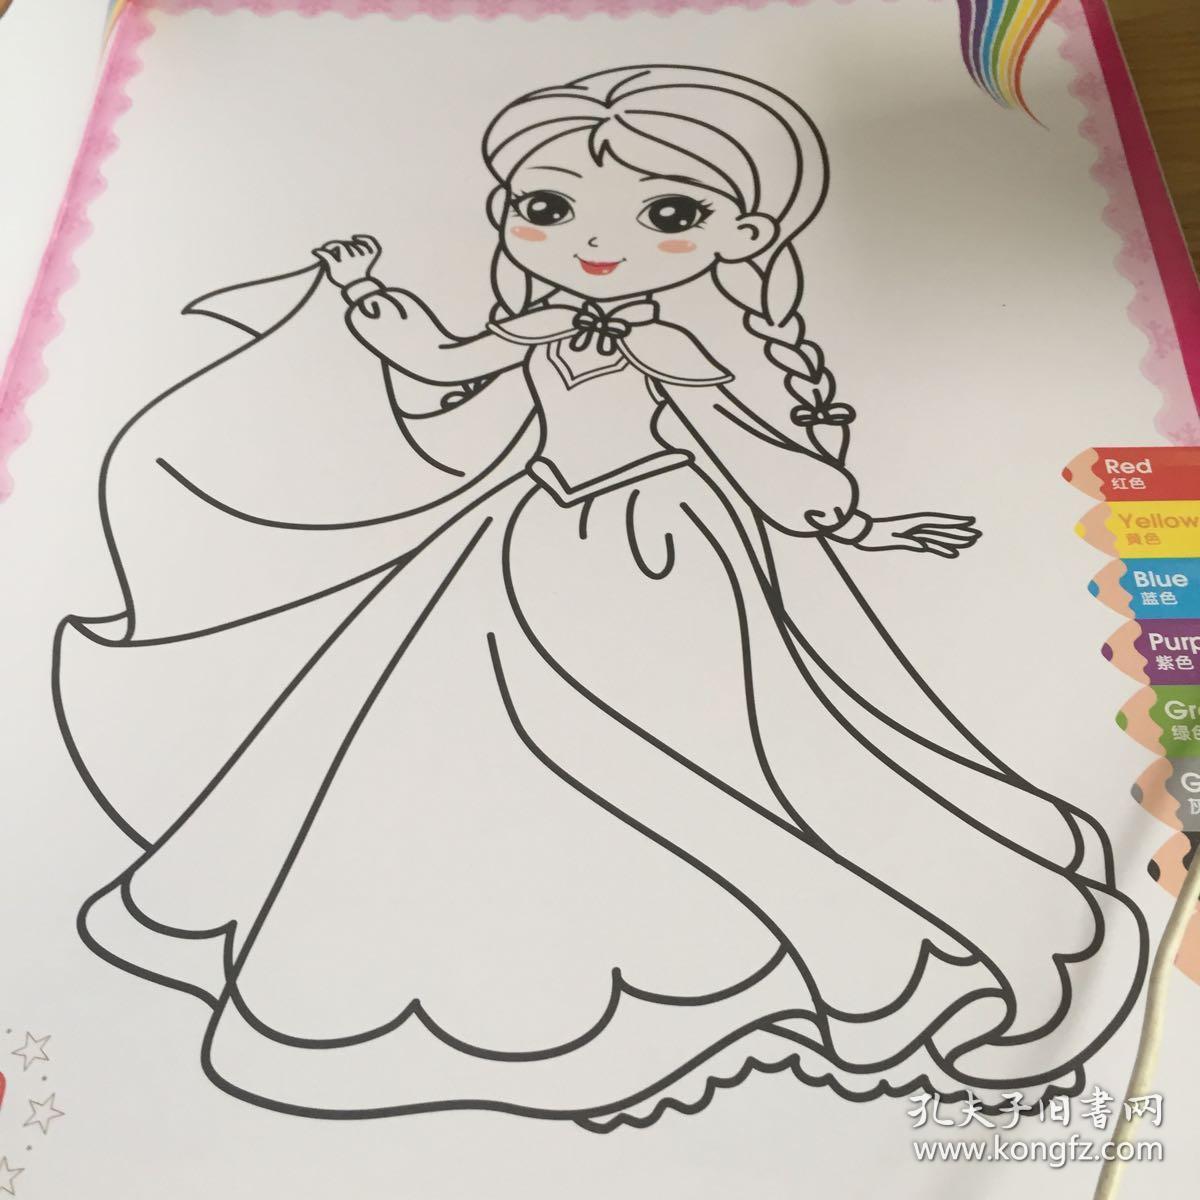 宝宝的第一本涂色书·第2季·幼儿认知涂色·畅销升级版·童话王国